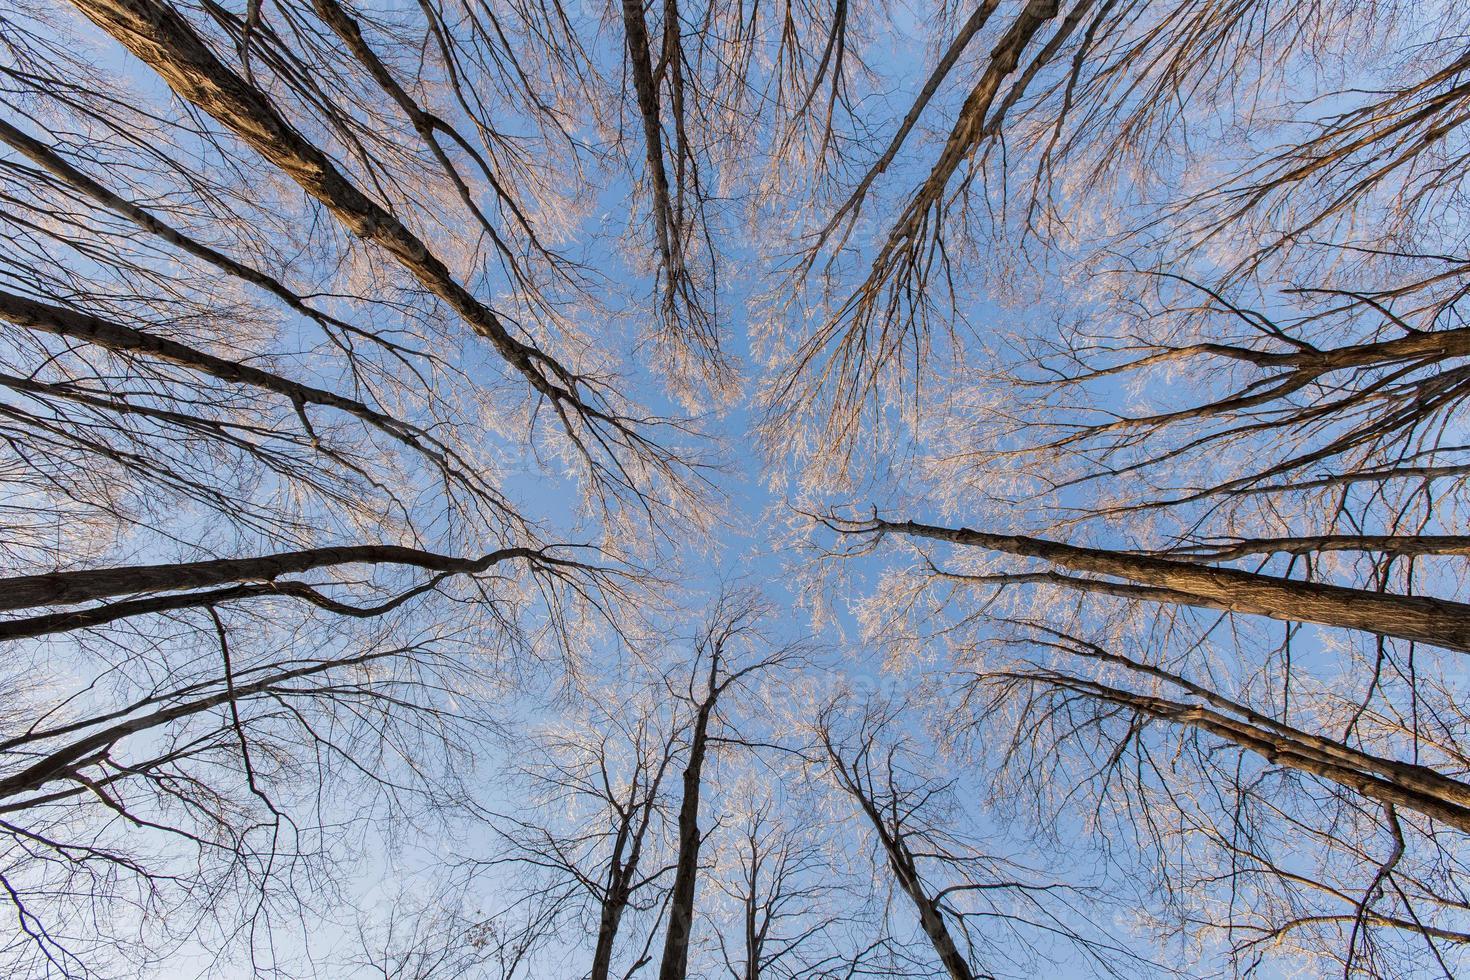 árboles mirando hacia arriba foto